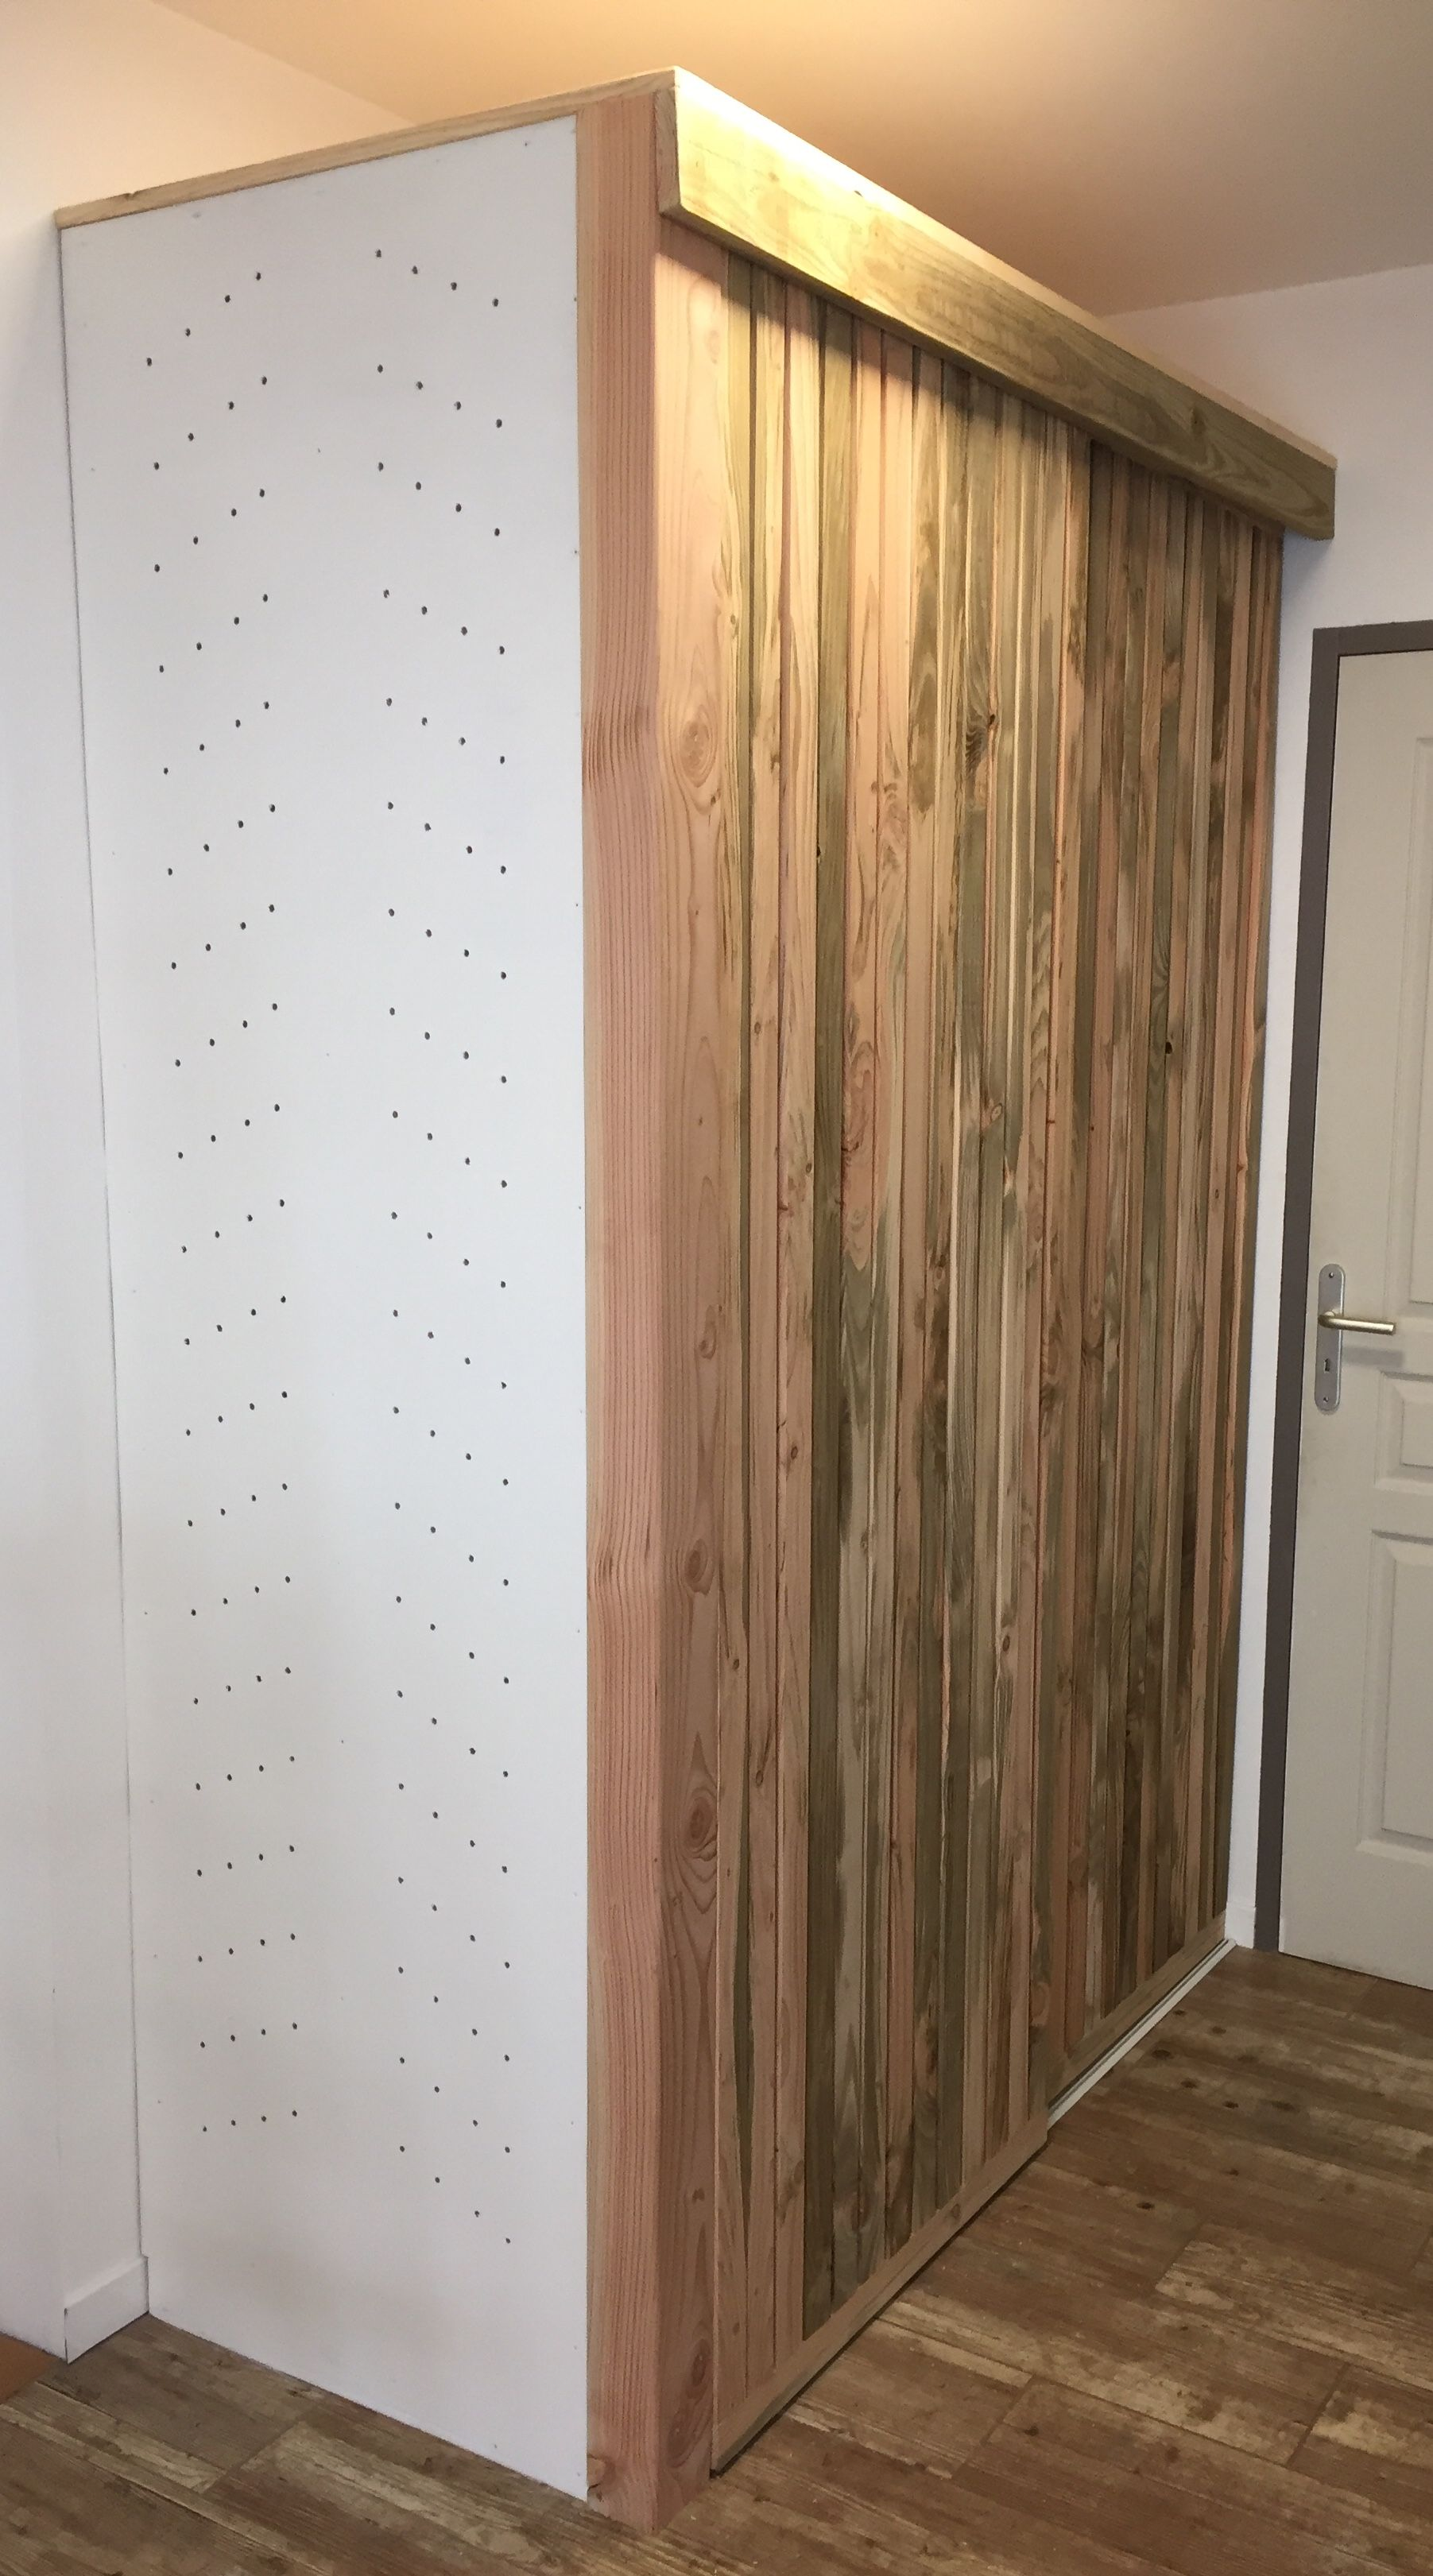 Merveilleux Placard Du0027entrée   Fabrication Maison Planches De Bardage Avec Mur Lumineux Portes  Coulissante En Conception Etonnante